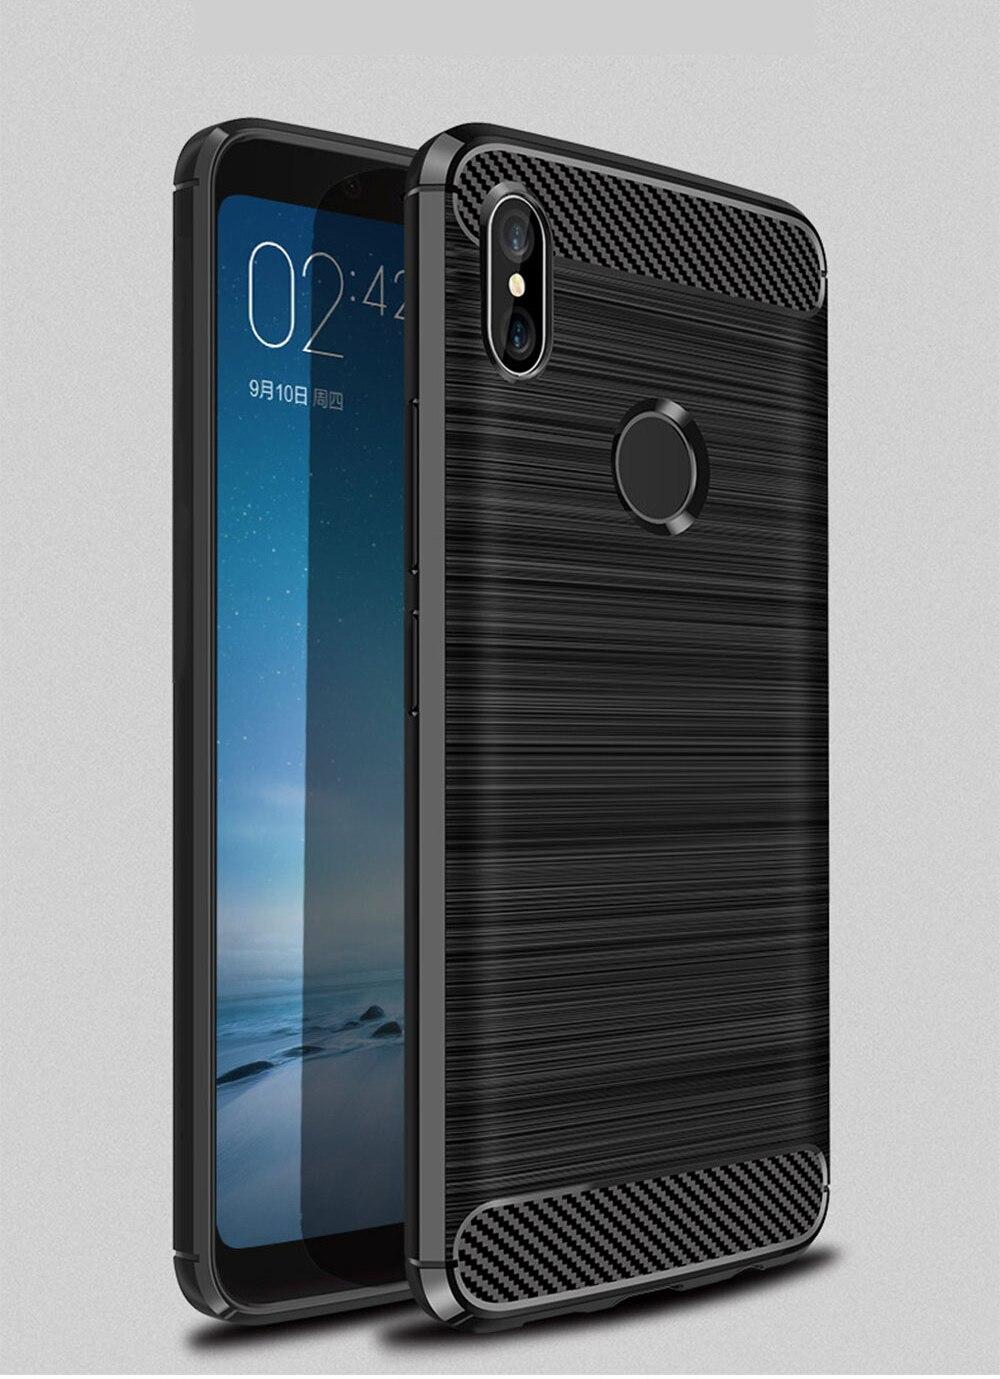 Case For Xiaomi Mi A2 Lite Case Shockproof Bumper Mia2 Lite Cover Soft Carbon Fiber Protective Cover For Redmi 6 Pro Case 5.84''